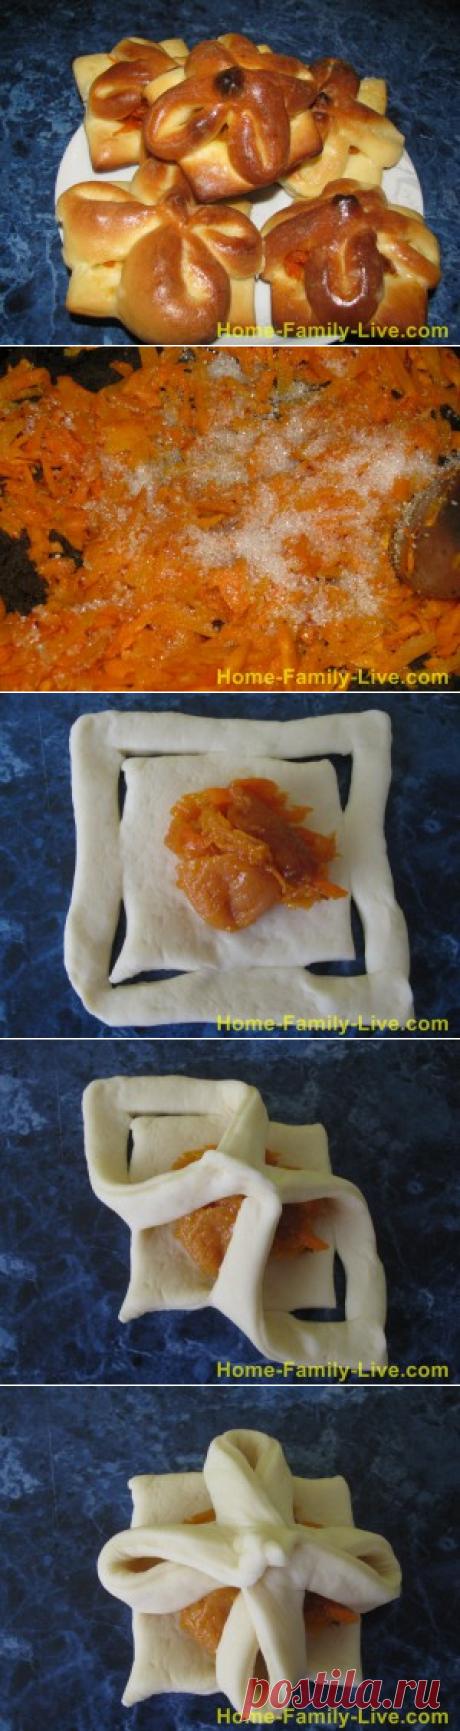 Булочки с курагой/Сайт с пошаговыми рецептами с фото для тех кто любит готовить